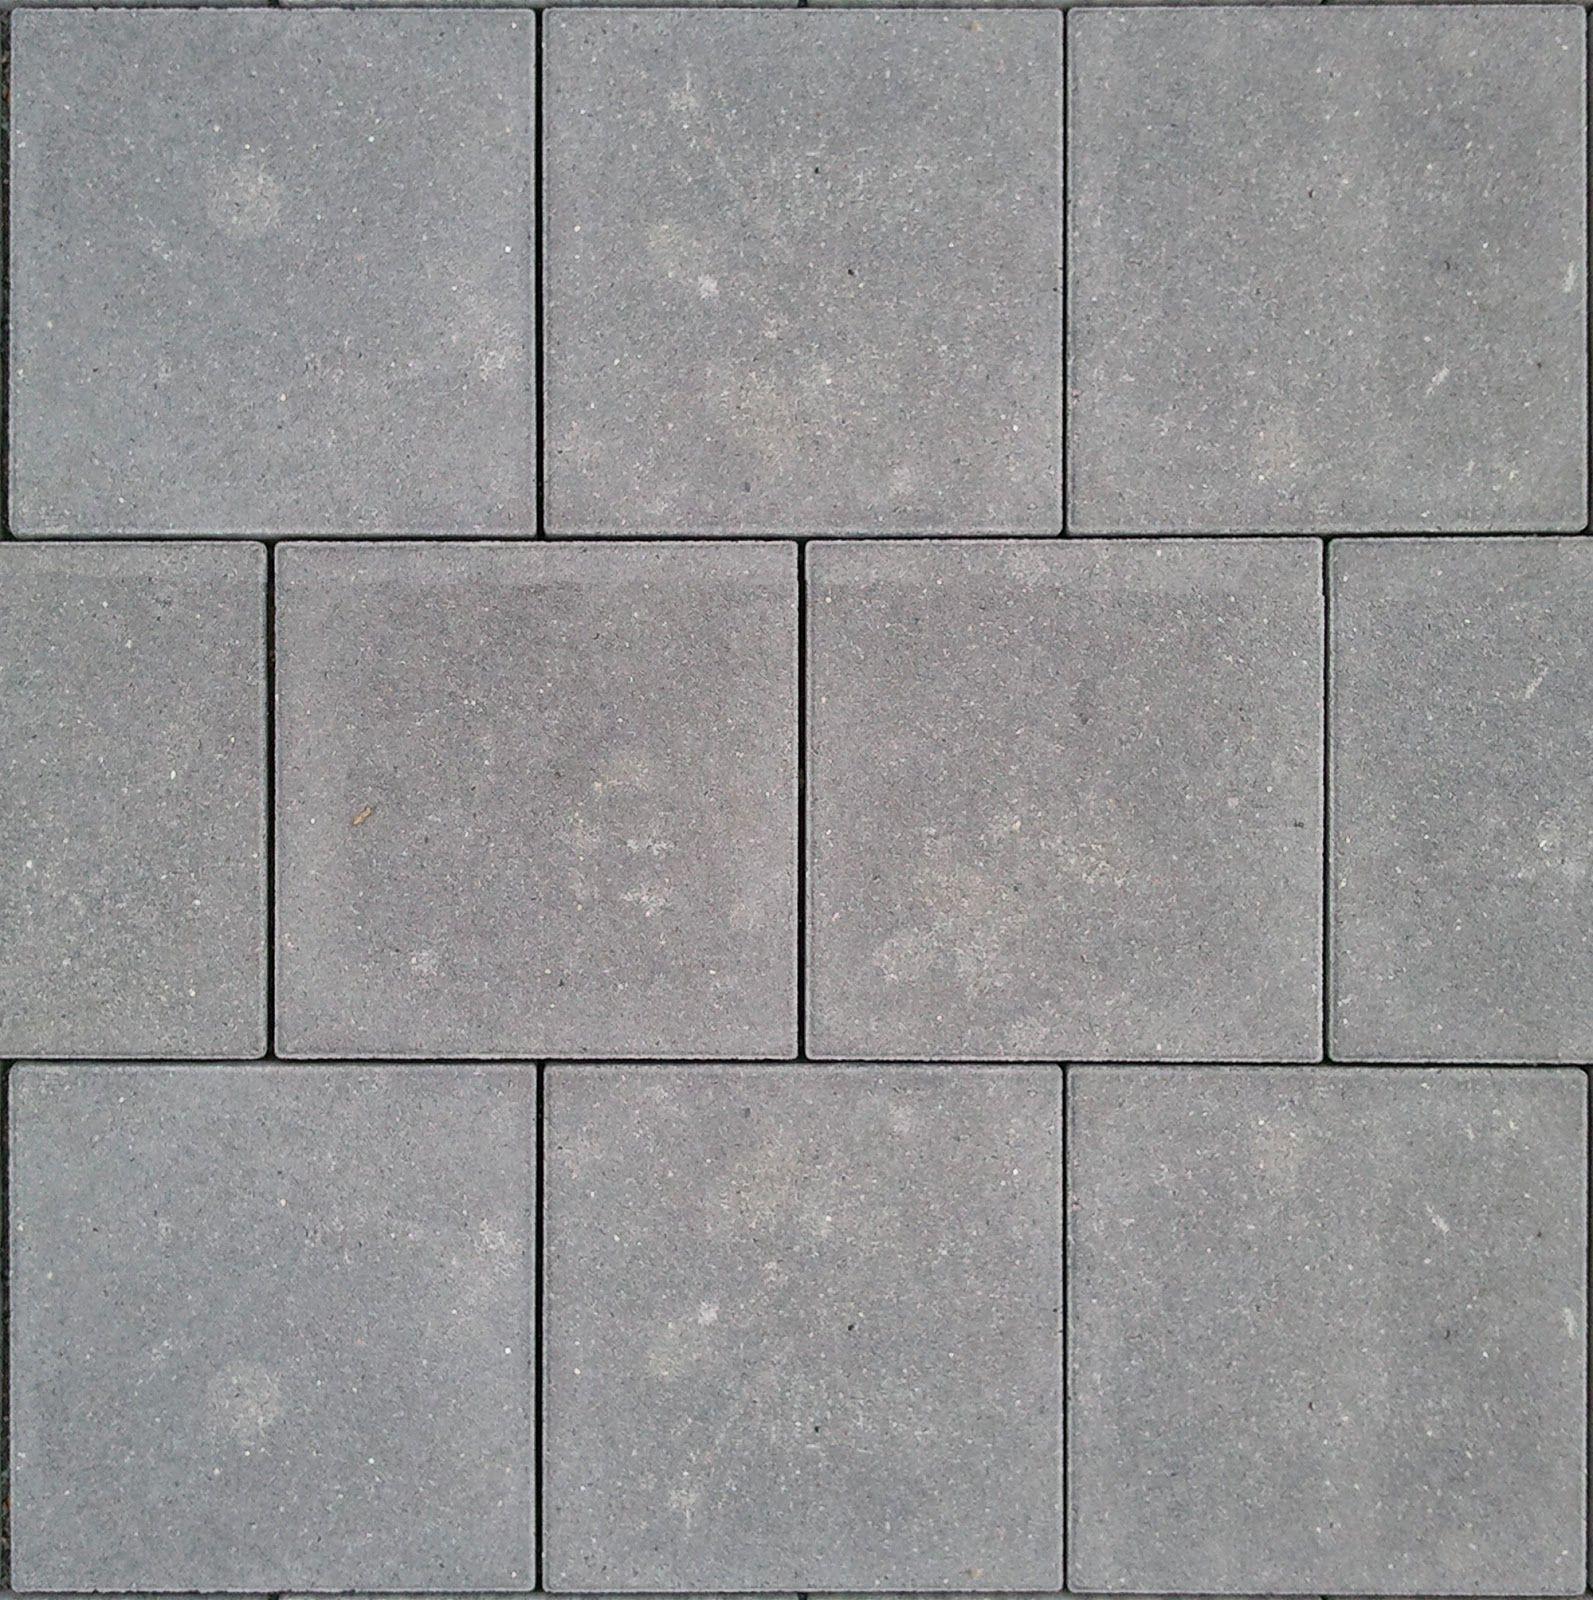 concrete tile floor texture. Texture+of+Gray+Seamless+Concrete+Pavement.jpg 1,593×1,600 · Floor Patterns Tile Concrete Texture